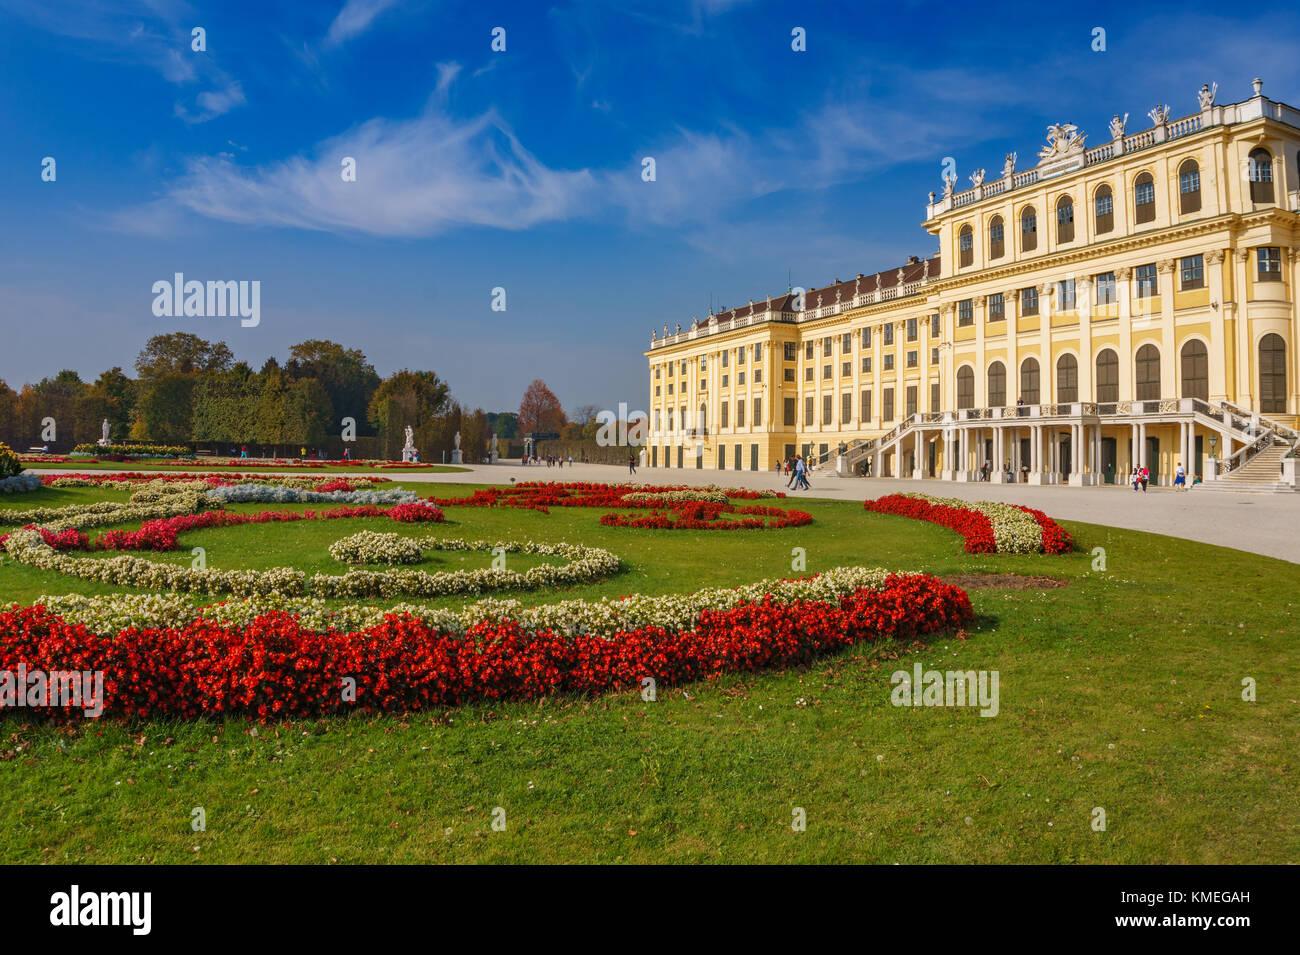 Umgebung und Gärten rund um das berühmte Schloss Schönbrunn, Wien, Österreich, Europa. Stockbild